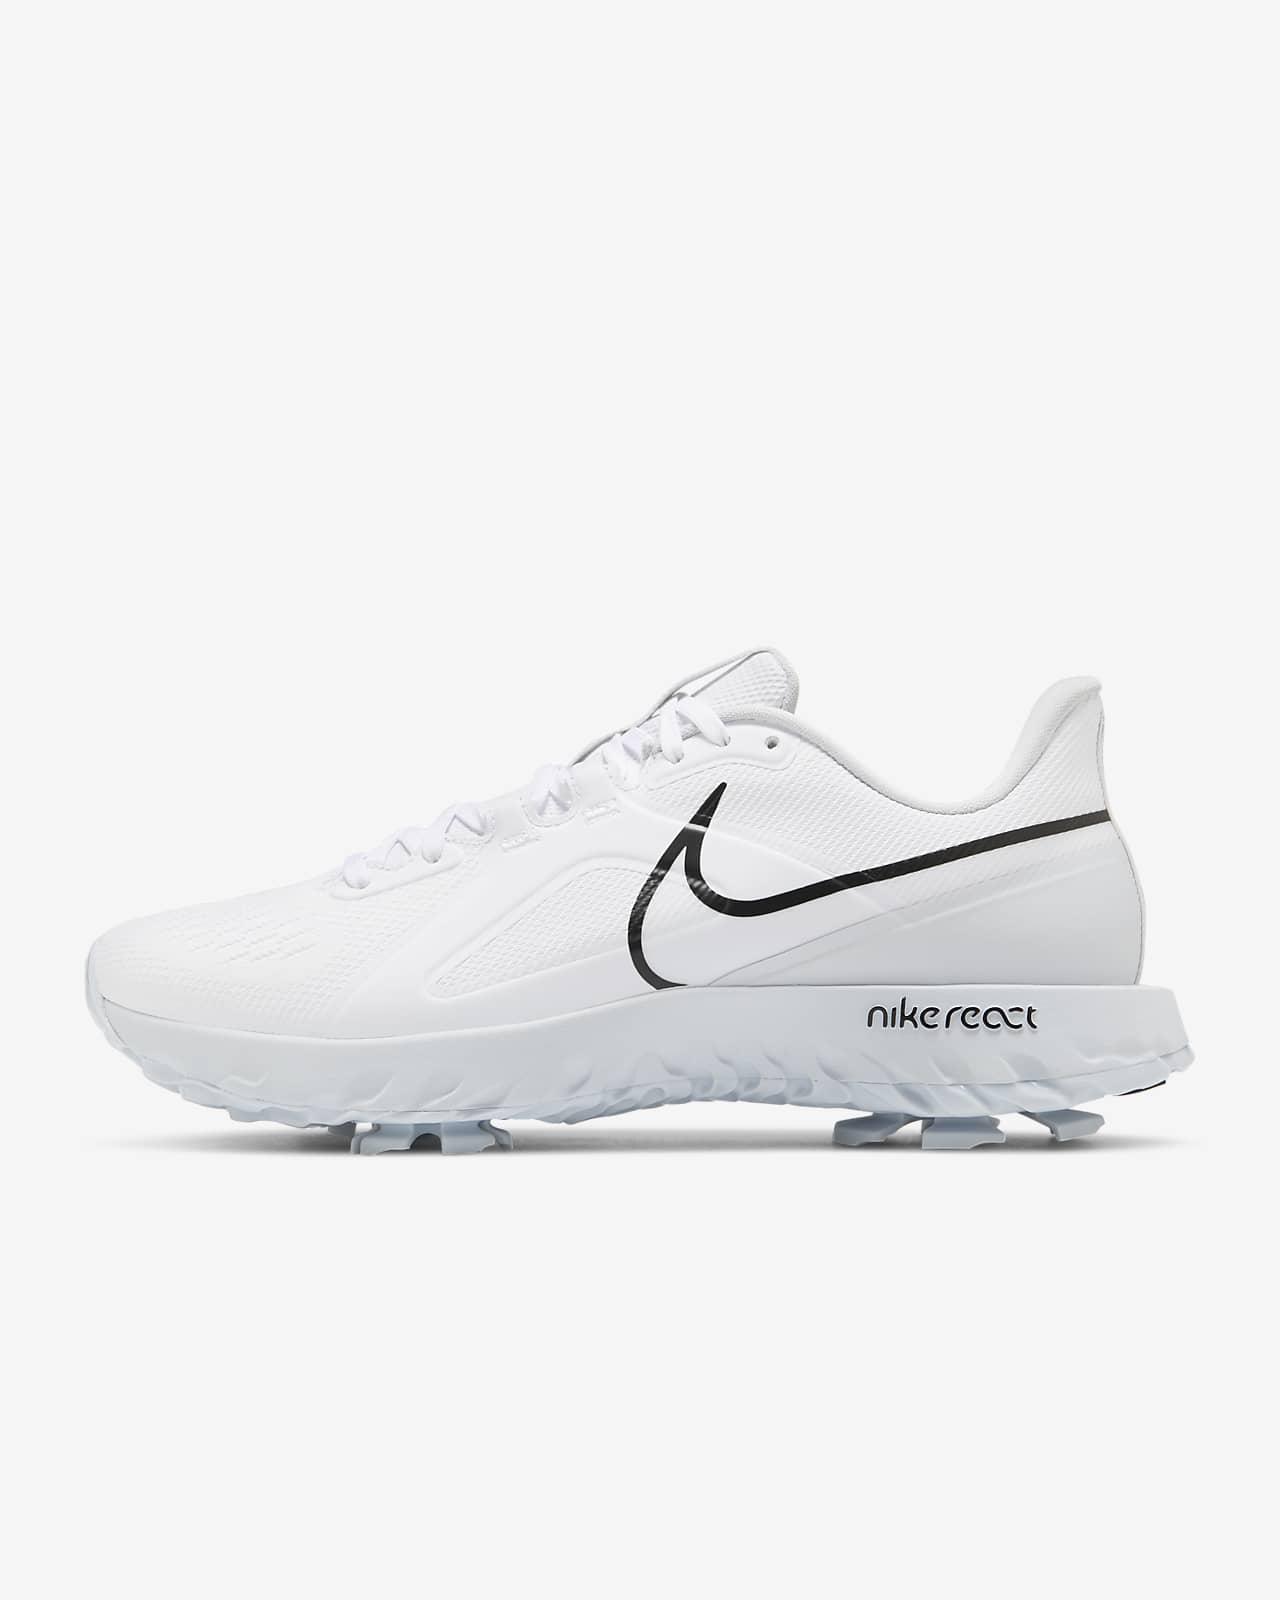 Calzado de golf Nike React Infinity Pro (Ancho)